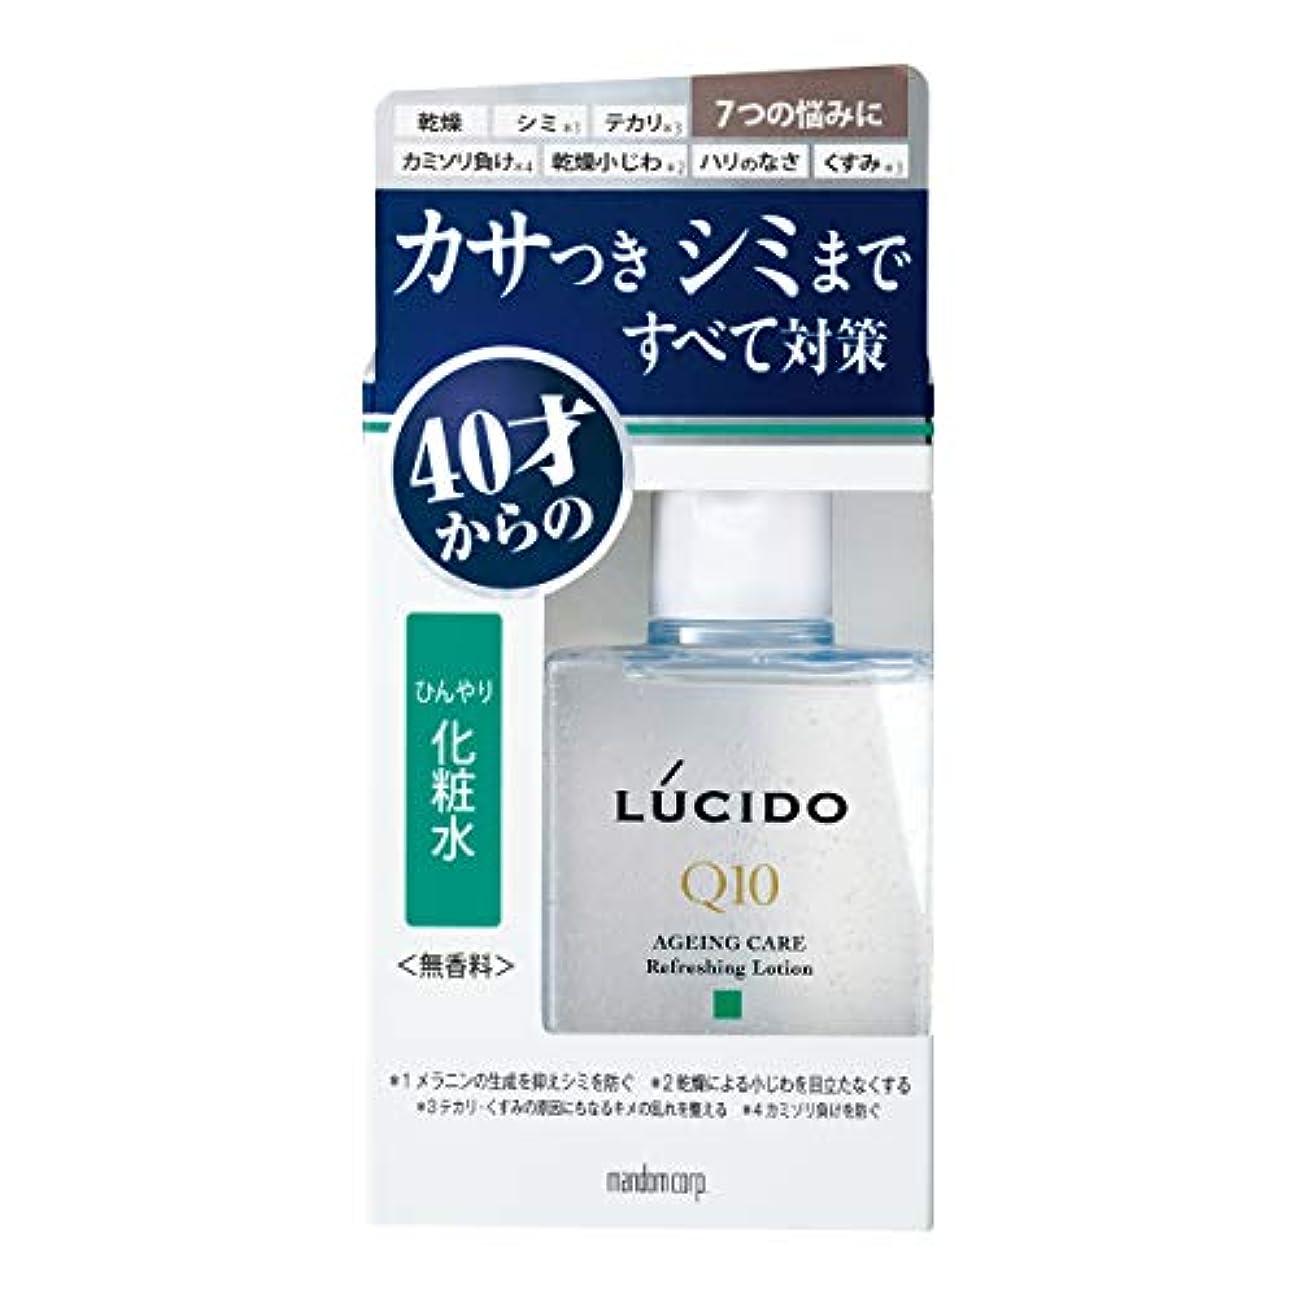 夫信者雪だるまルシード(LUCIDO)薬用 トータルケアひんやり化粧水 メンズ スキンケア さっぱり 110ml(医薬部外品)